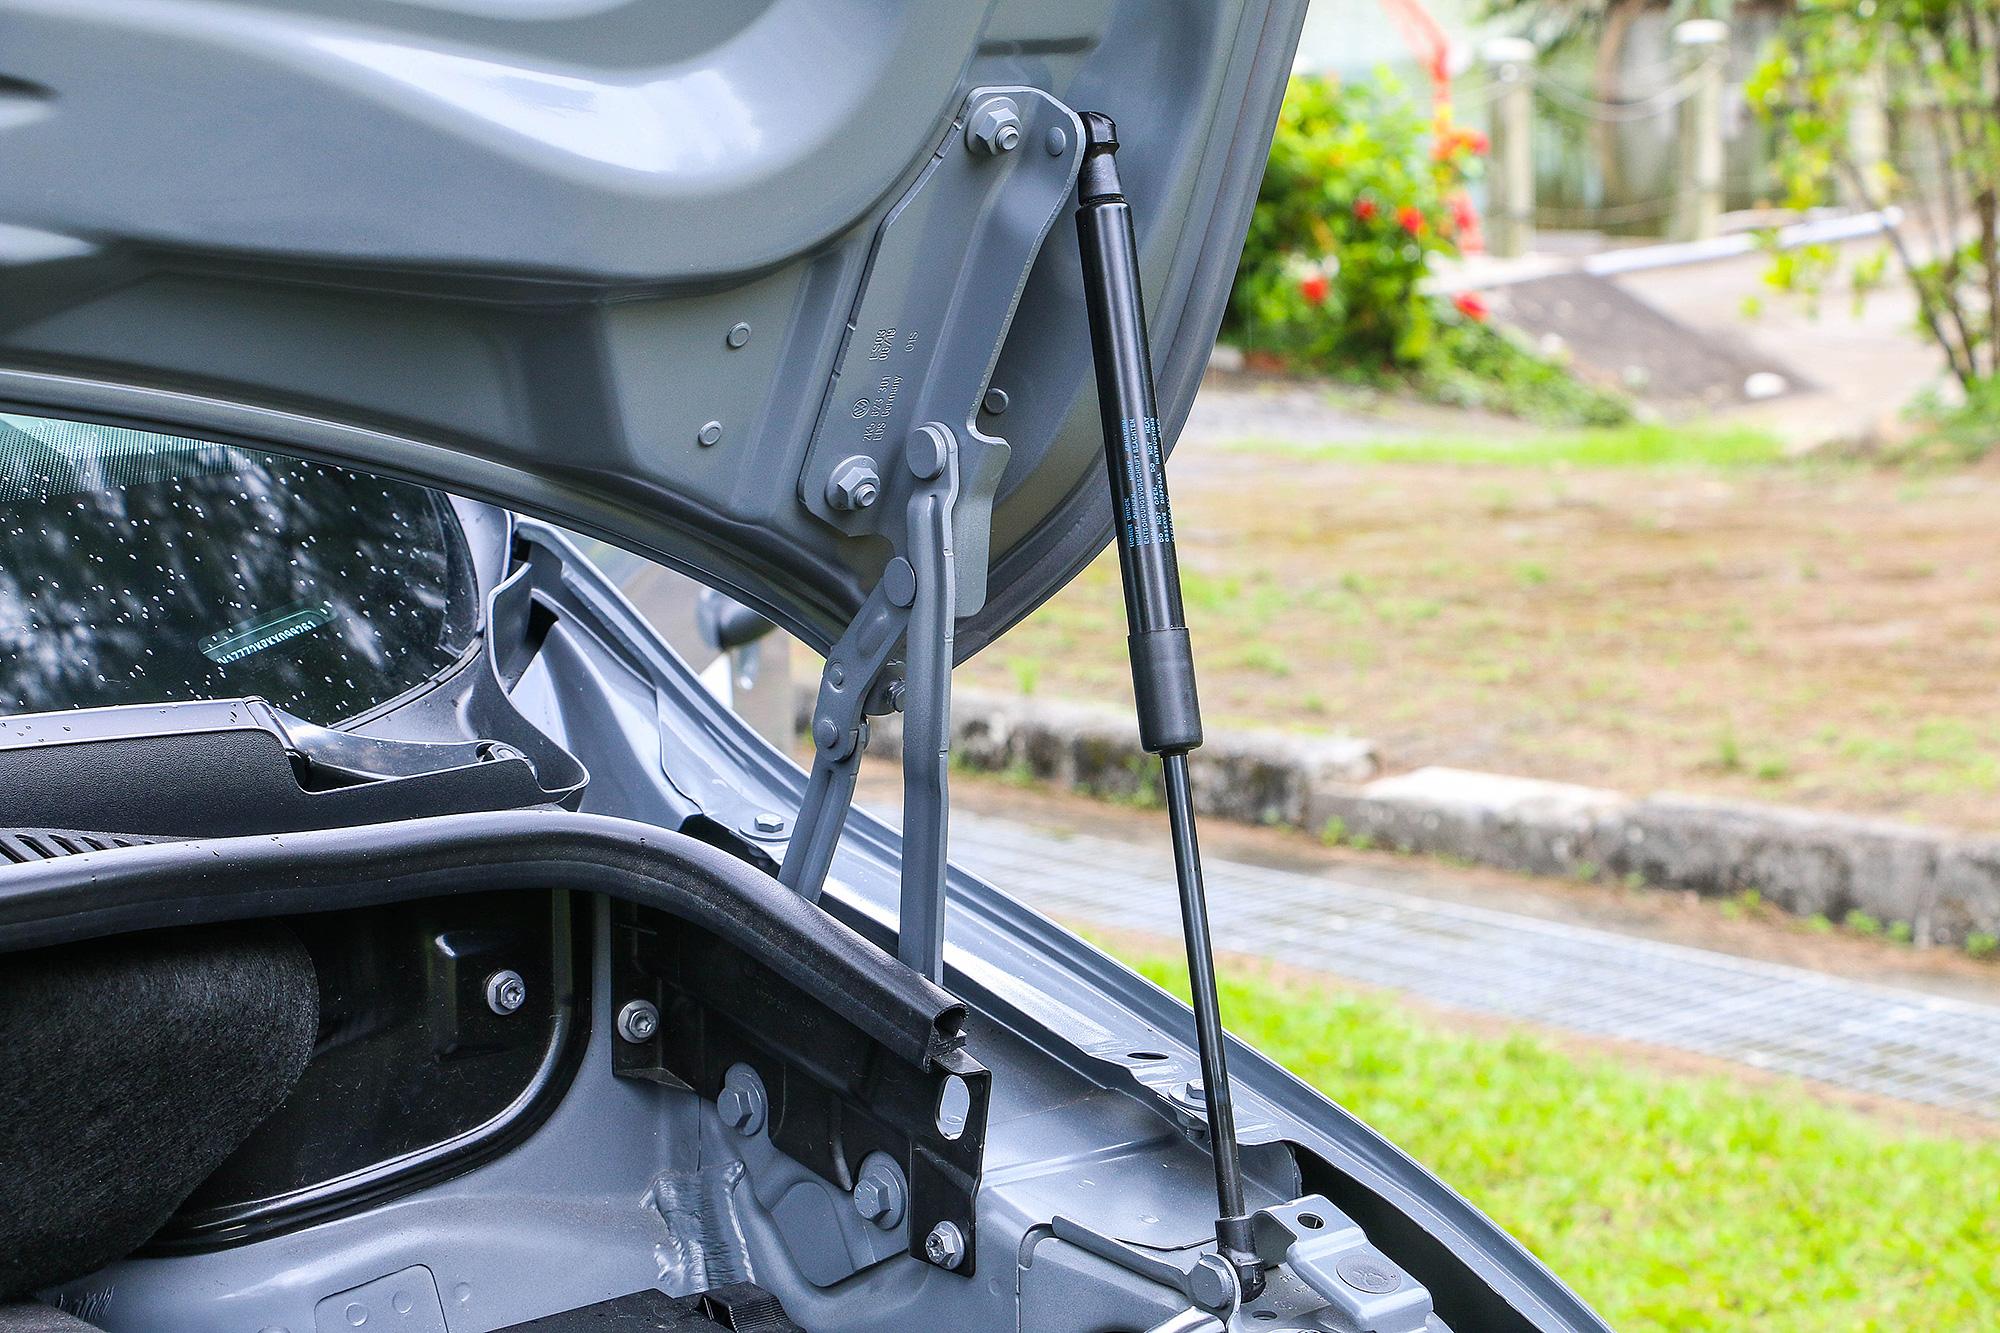 你沒看錯,就算是純商用車,卻配備了引擎蓋油壓頂桿。